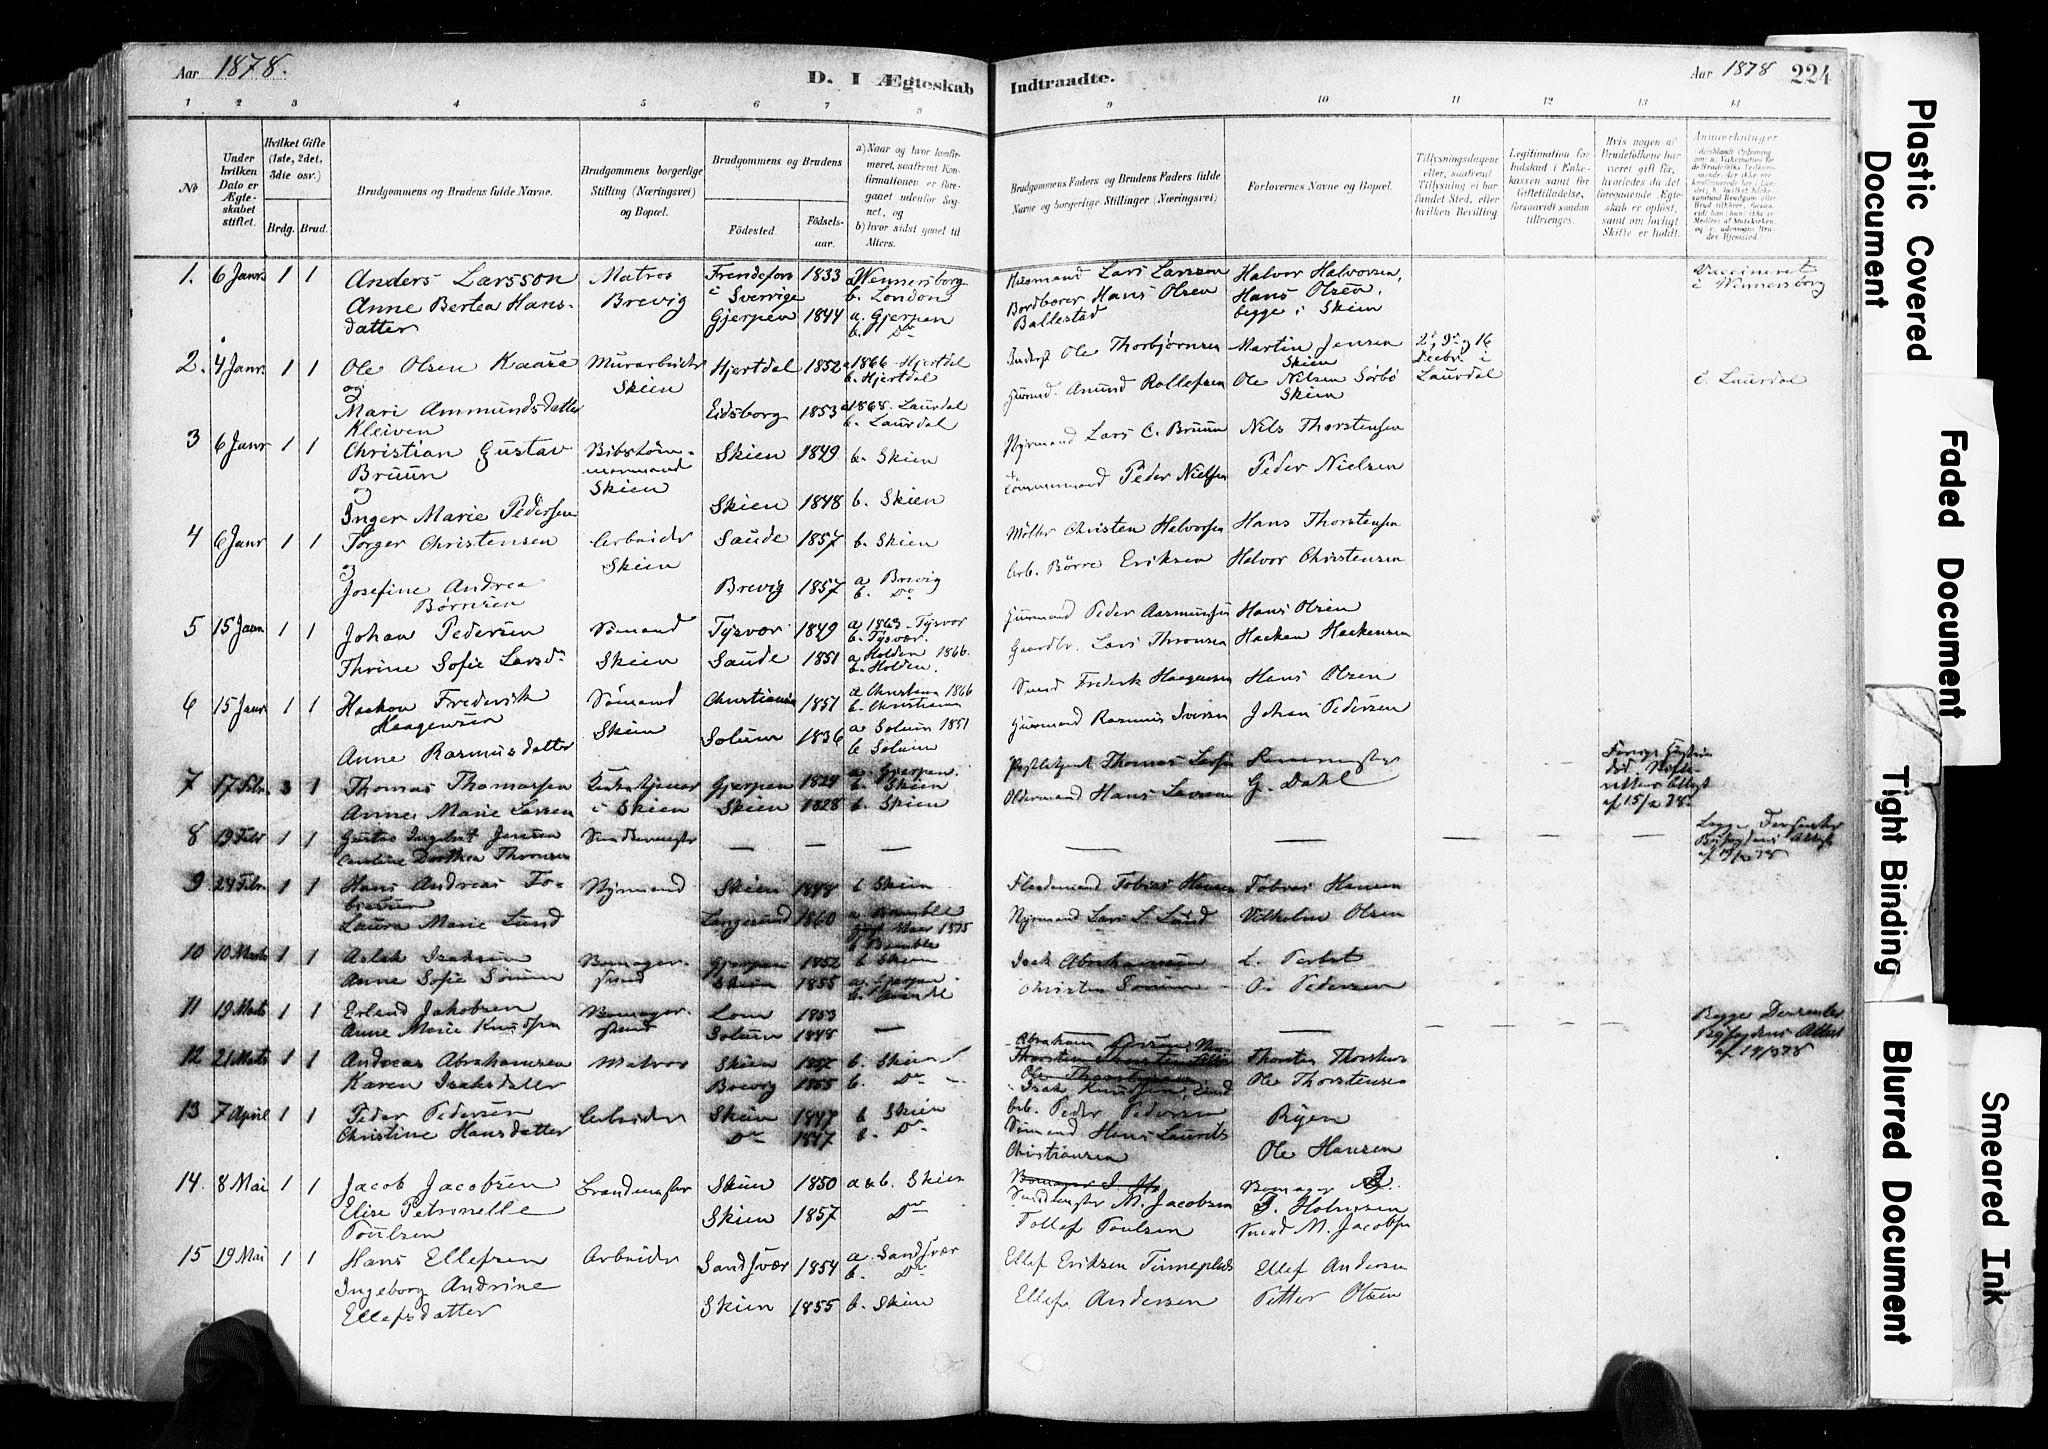 SAKO, Skien kirkebøker, F/Fa/L0009: Ministerialbok nr. 9, 1878-1890, s. 224